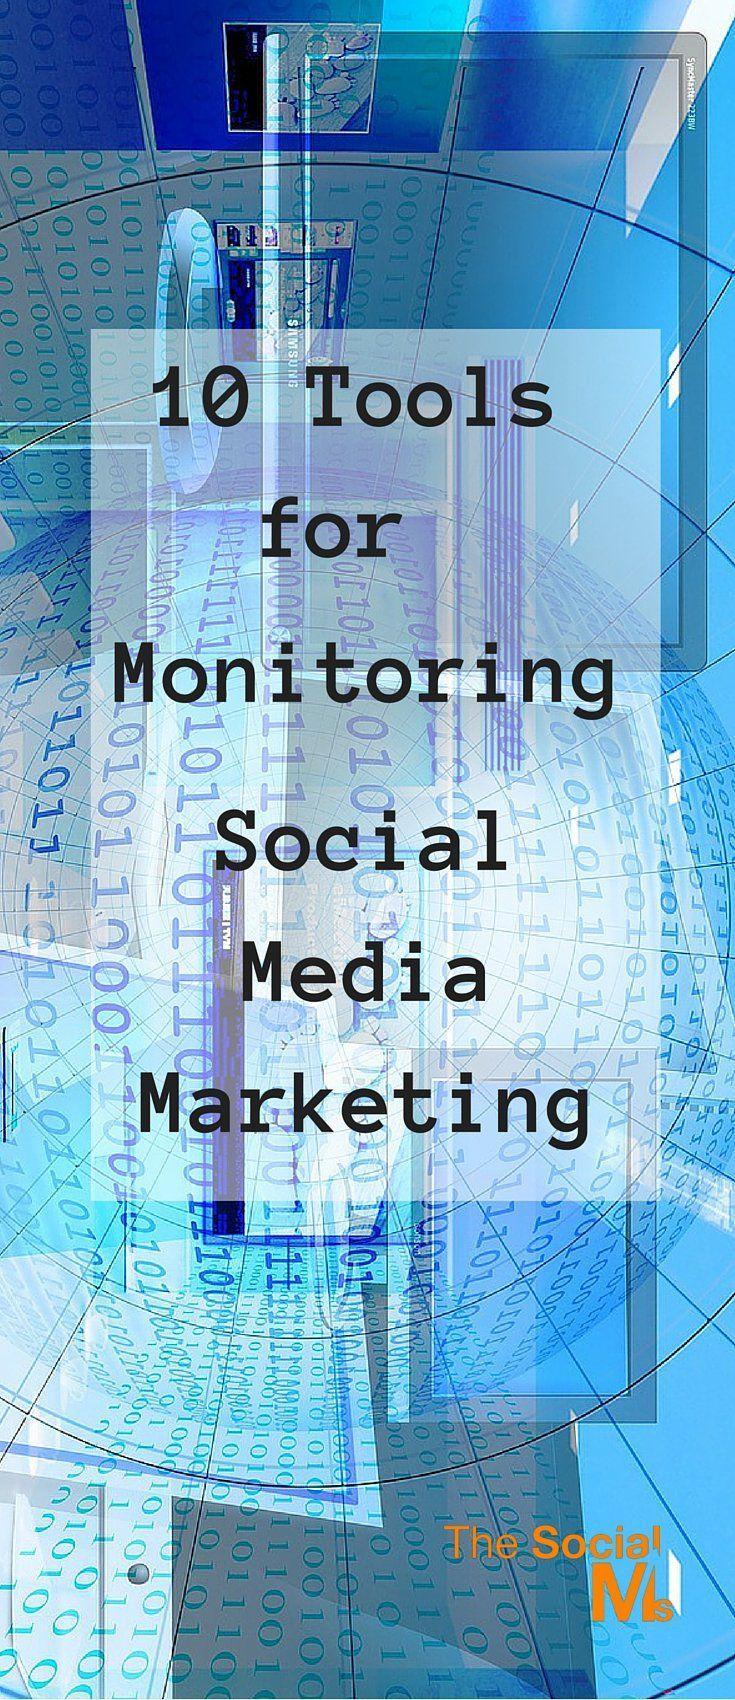 10 Tools for Monitoring Social Media Marketing #SocialMedia #Marketing #Analytics